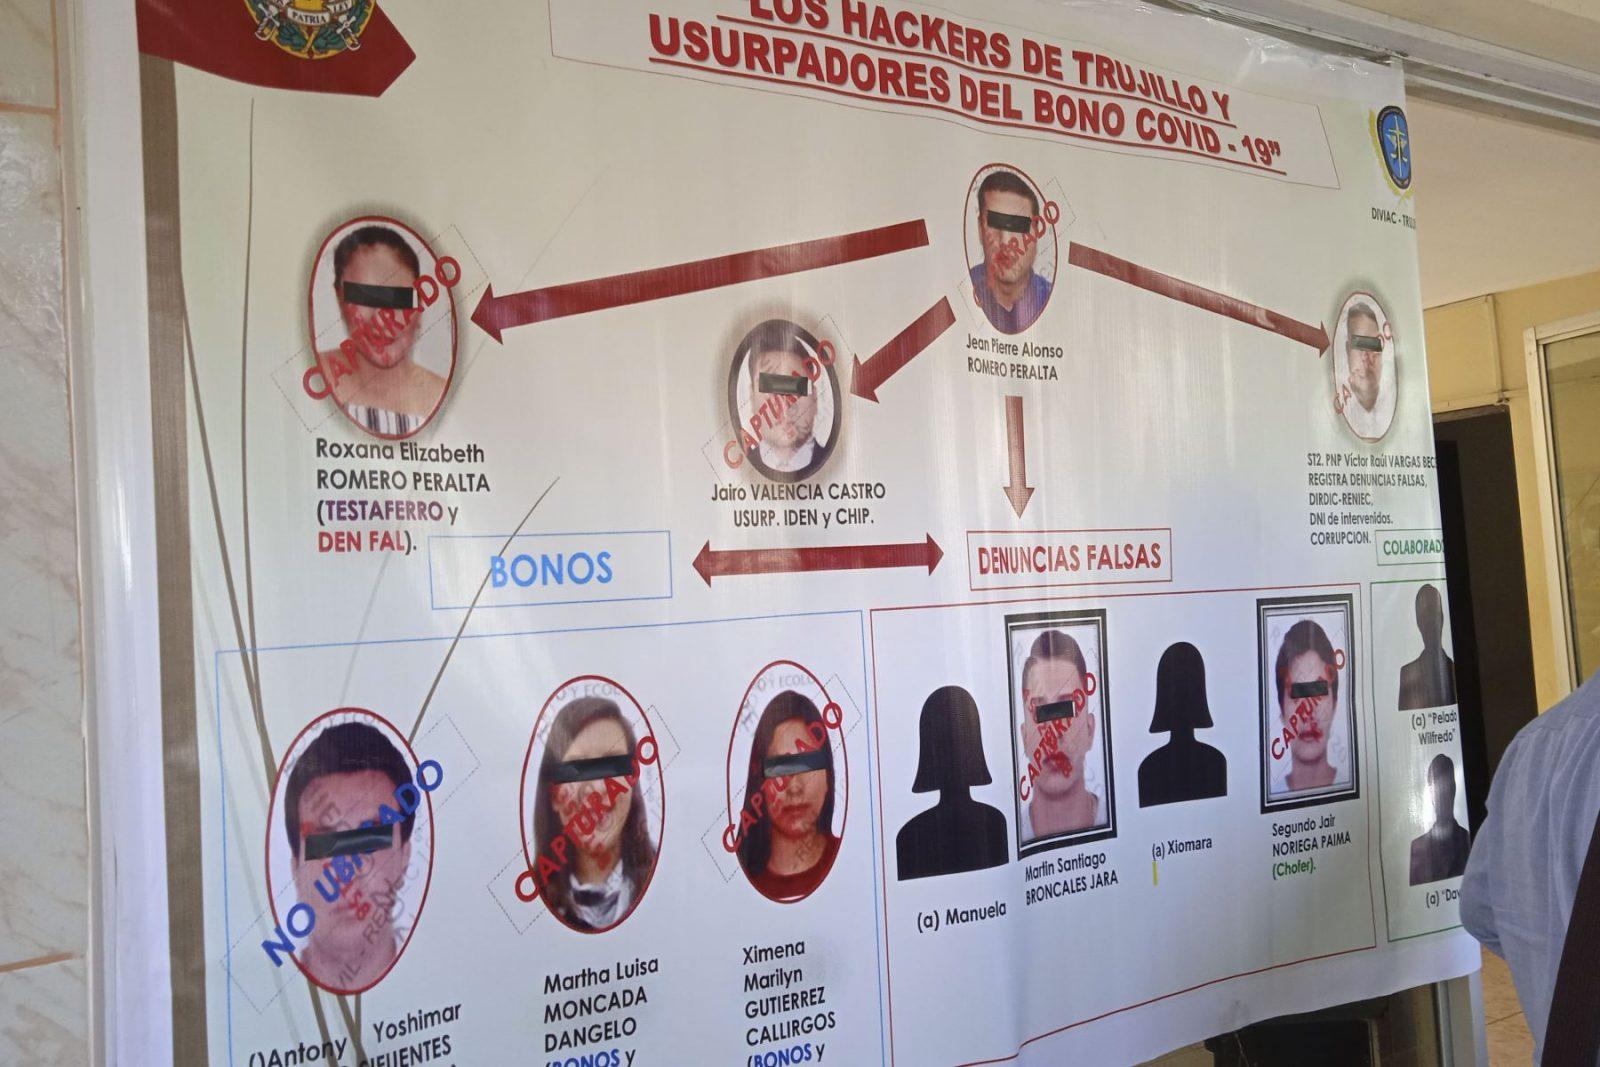 Trujillo: Dictan 18 meses de prisión preventiva por robo de bonos del Estado